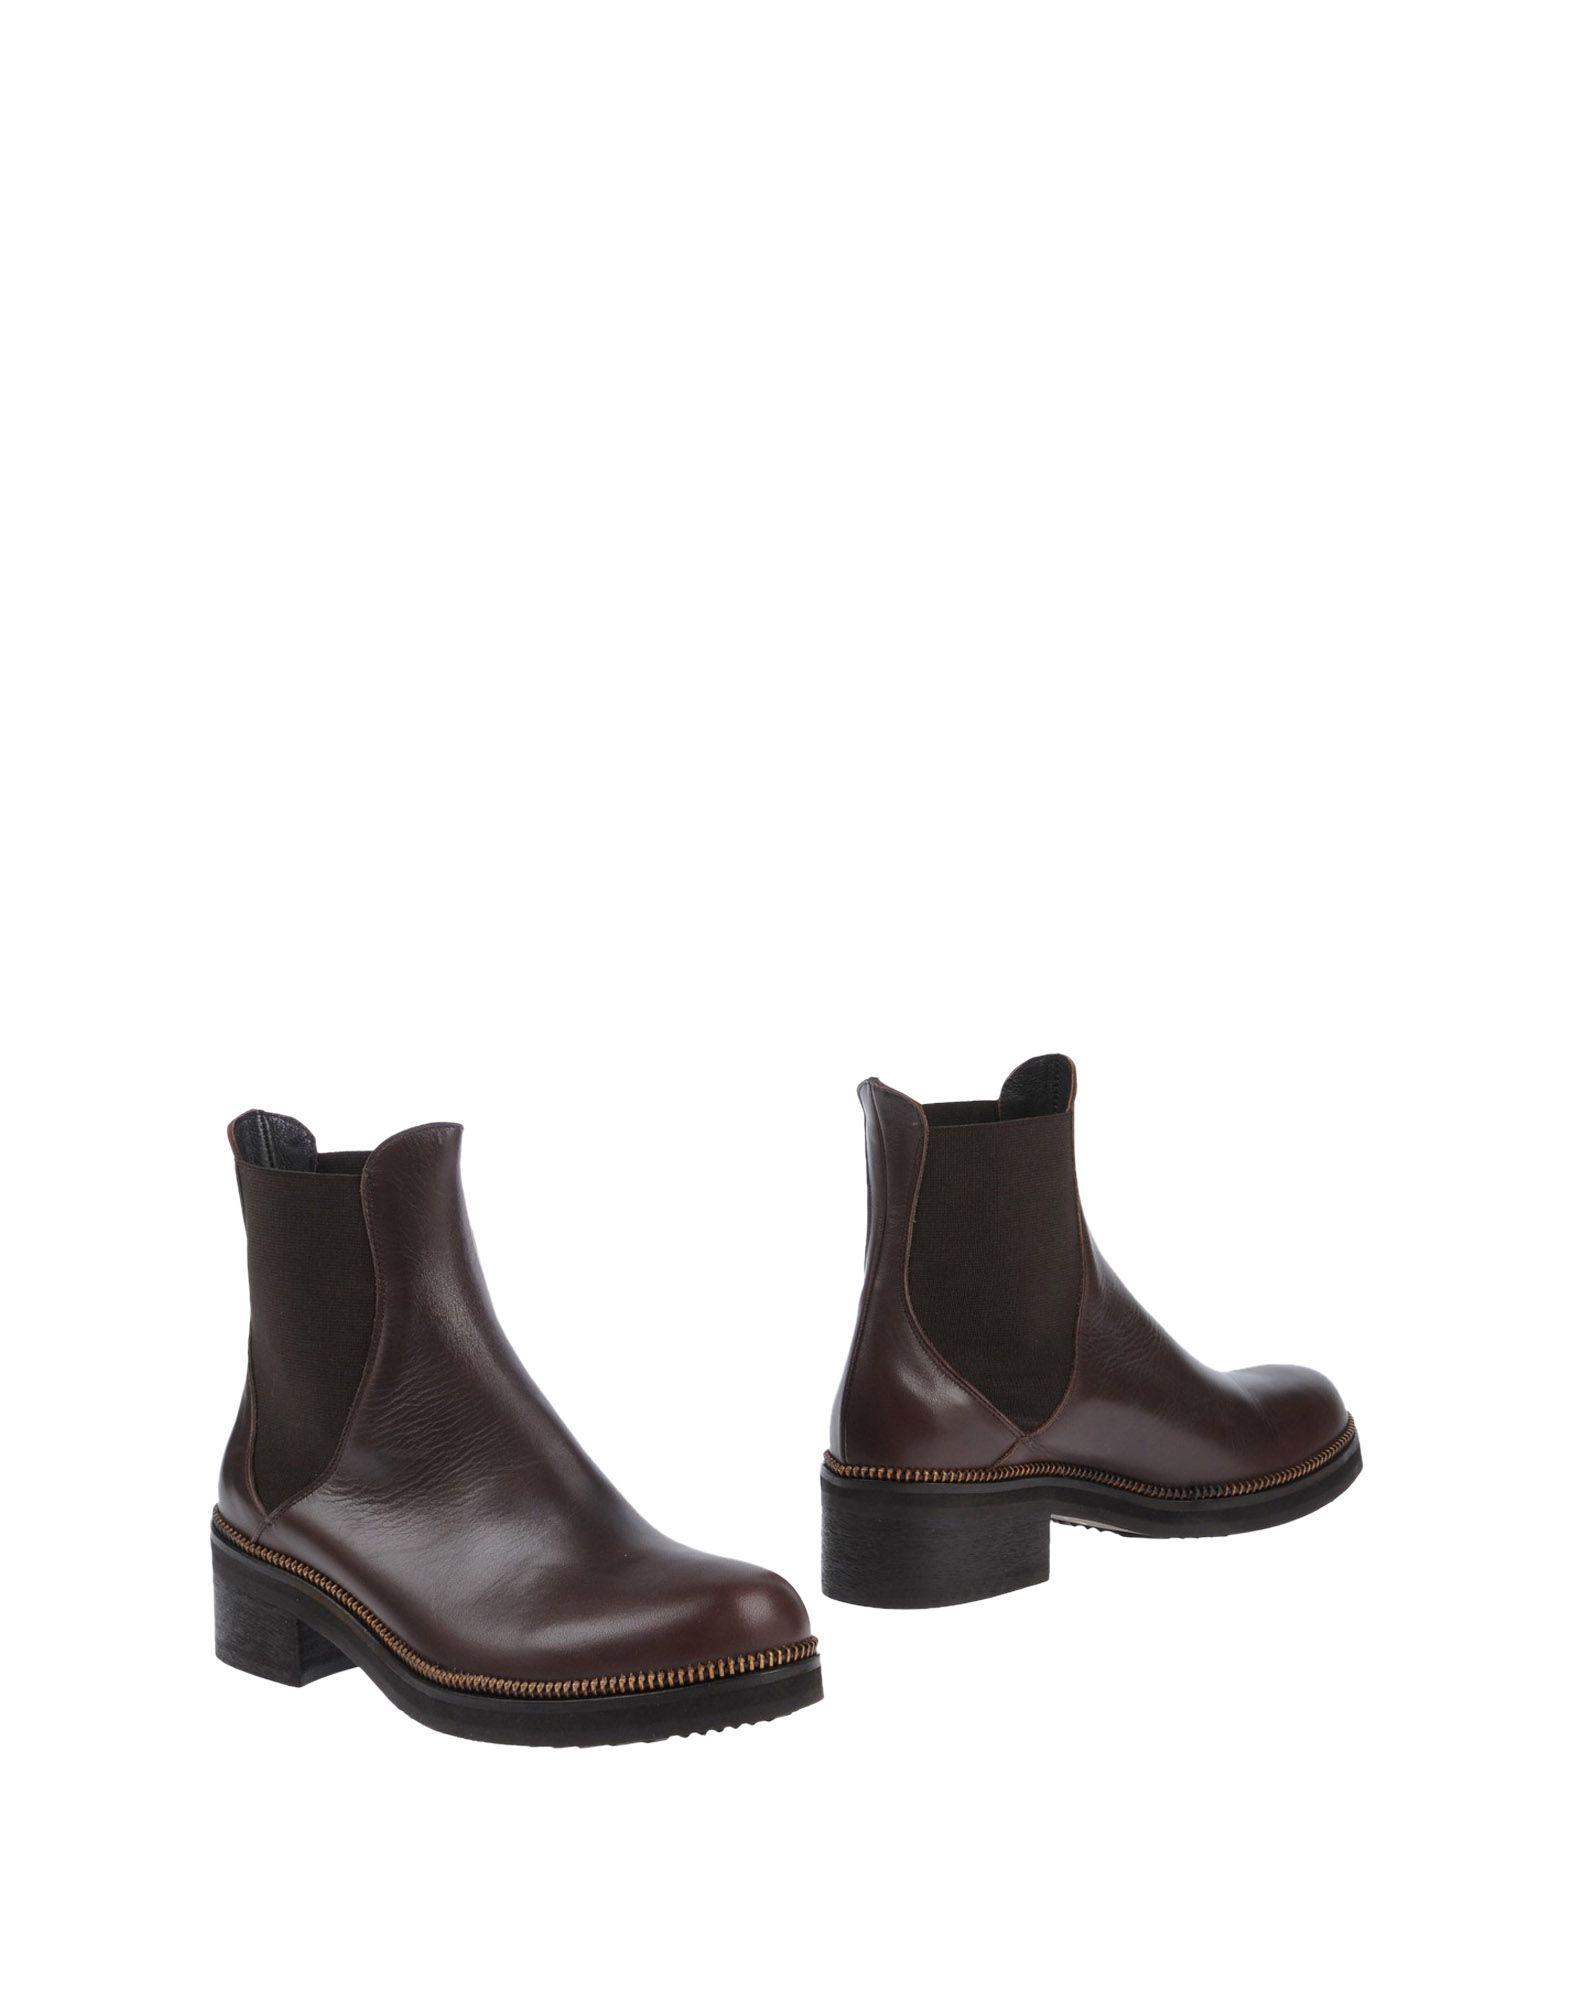 Sgn Giancarlo Women Paoli Ankle Boot - Women Giancarlo Sgn Giancarlo Paoli Ankle Boots online on  Canada - 11501678CJ be510b